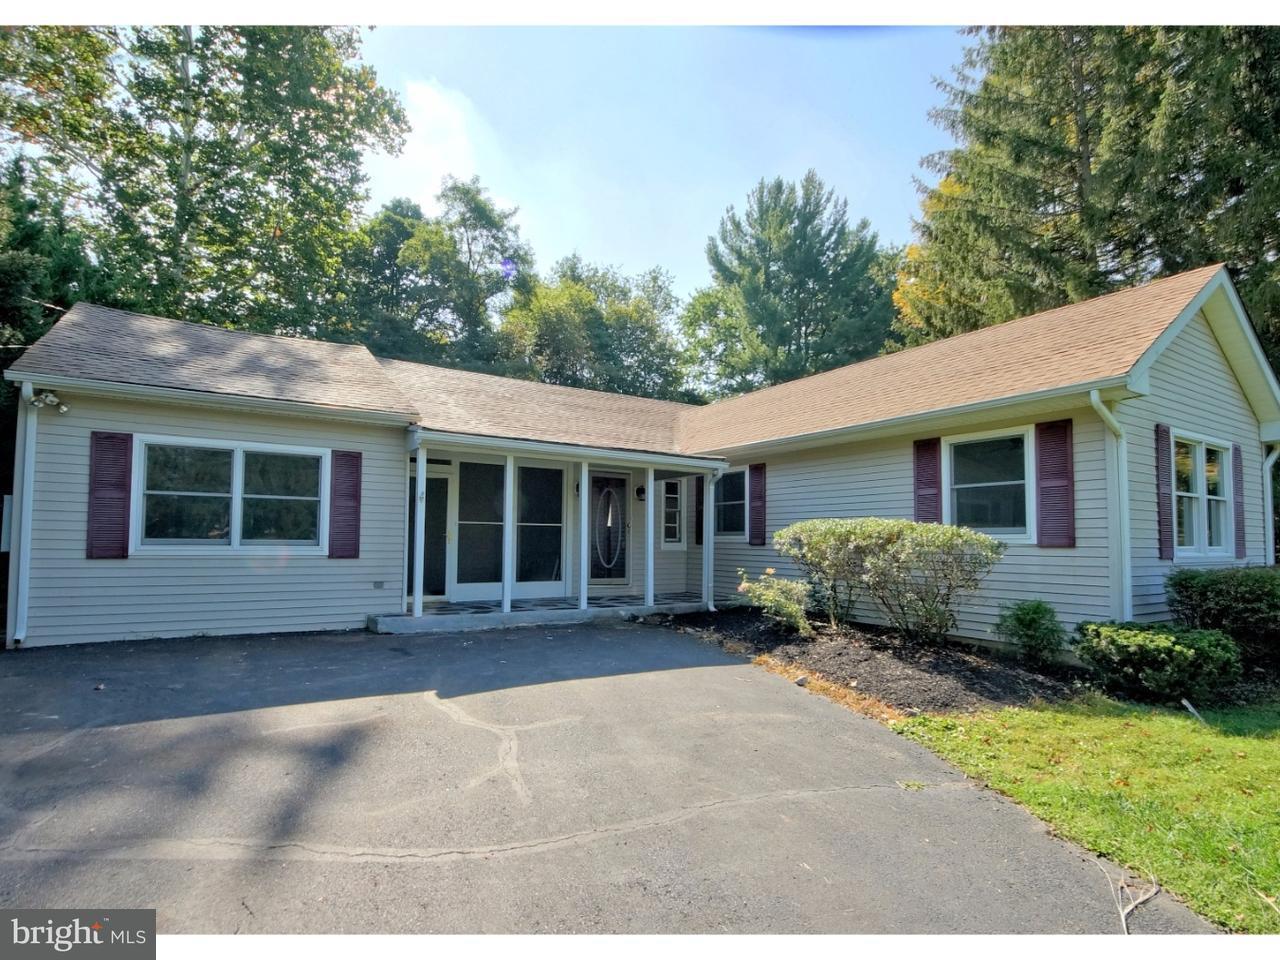 独户住宅 为 销售 在 349 W UPPER FERRY Road 尤因, 新泽西州 08628 美国